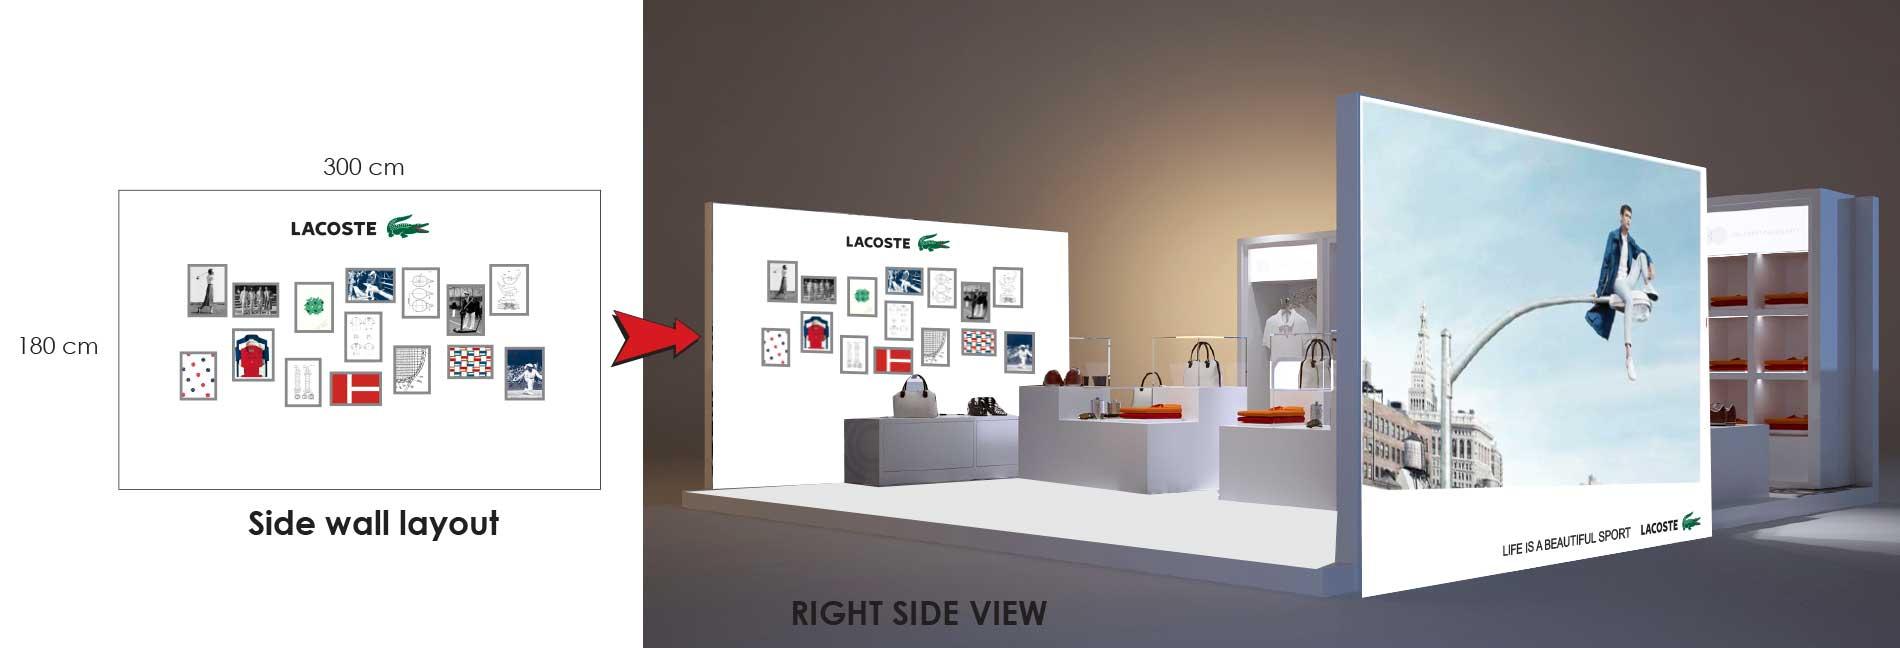 Lacoste-podium2-rt-view